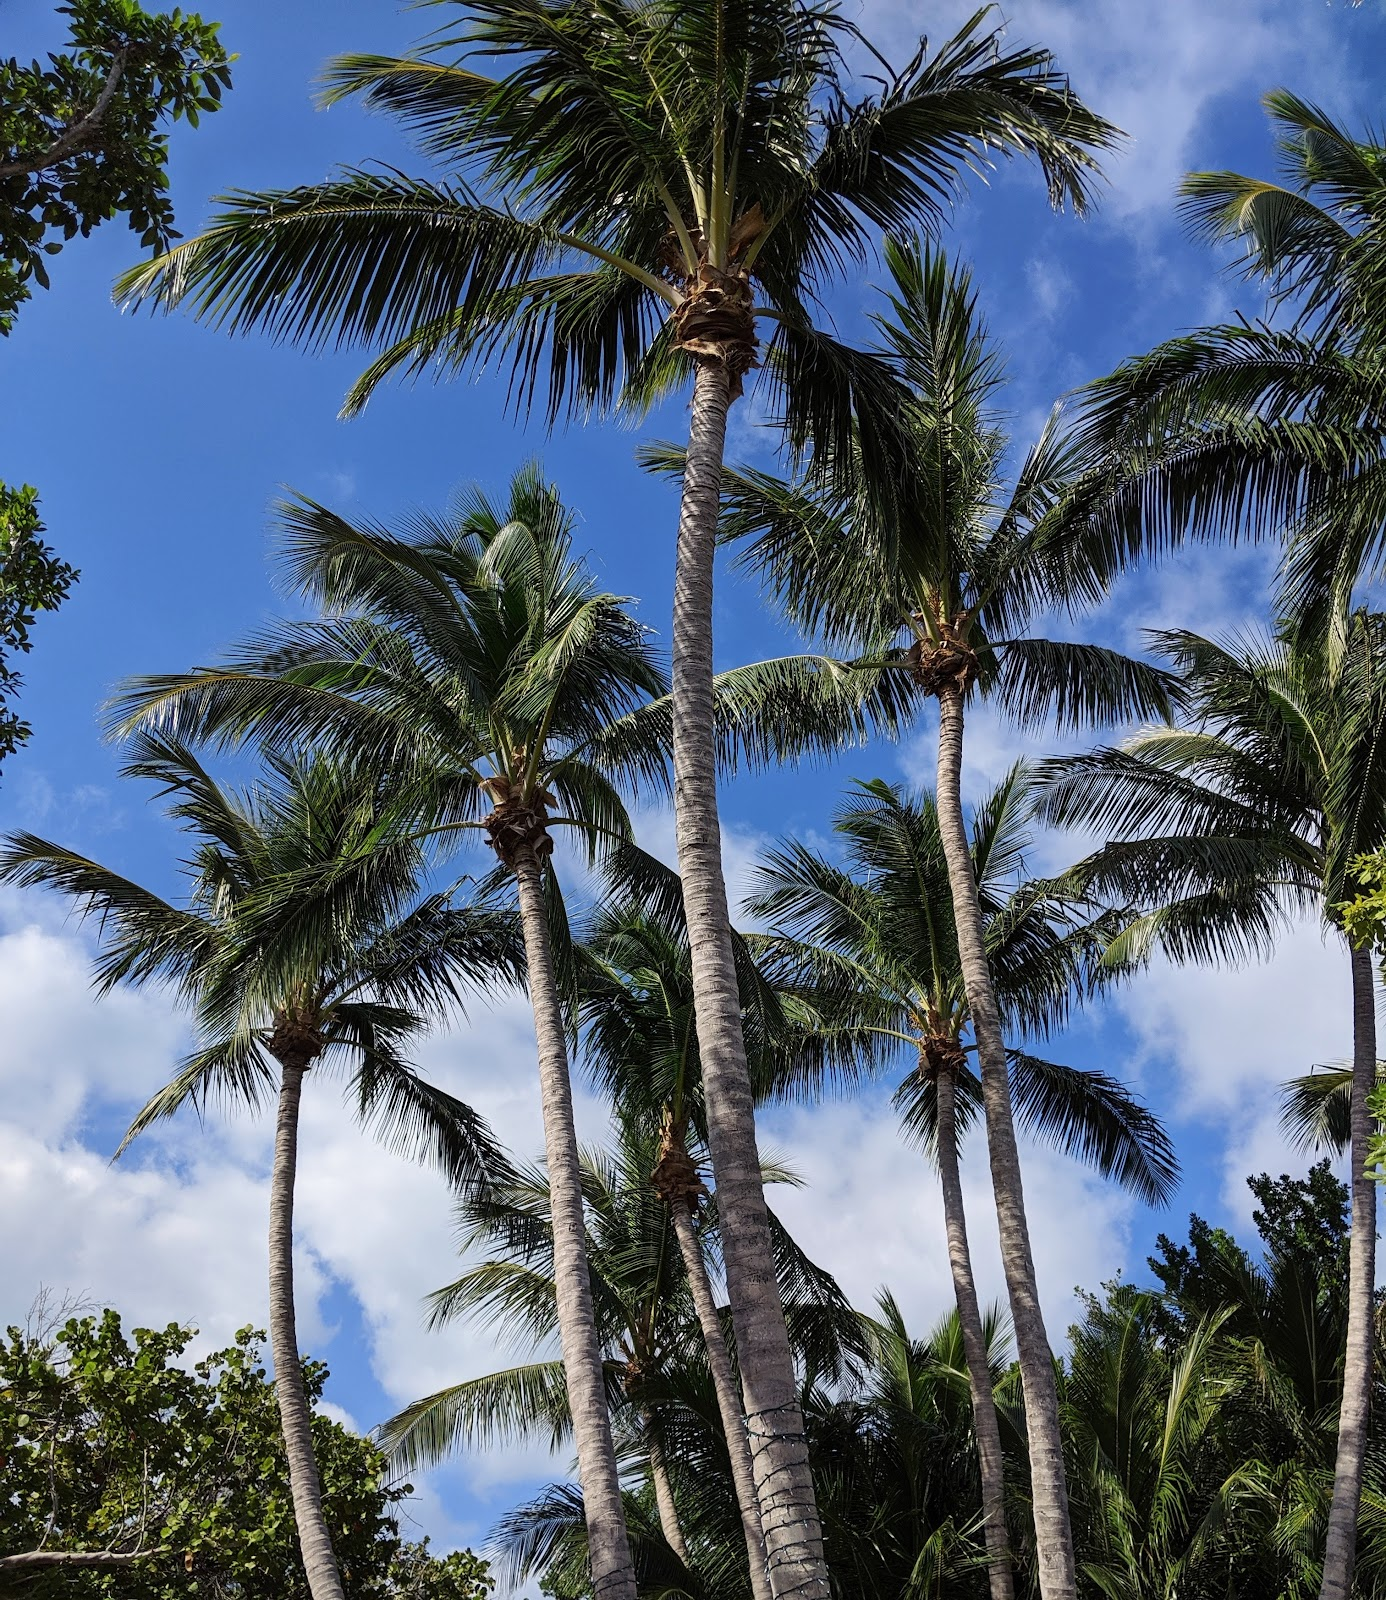 קי בסקיין יום טיול בפלורידה לאן לטייל חופים יפים פלורידה טיול מאורגן key biscayne